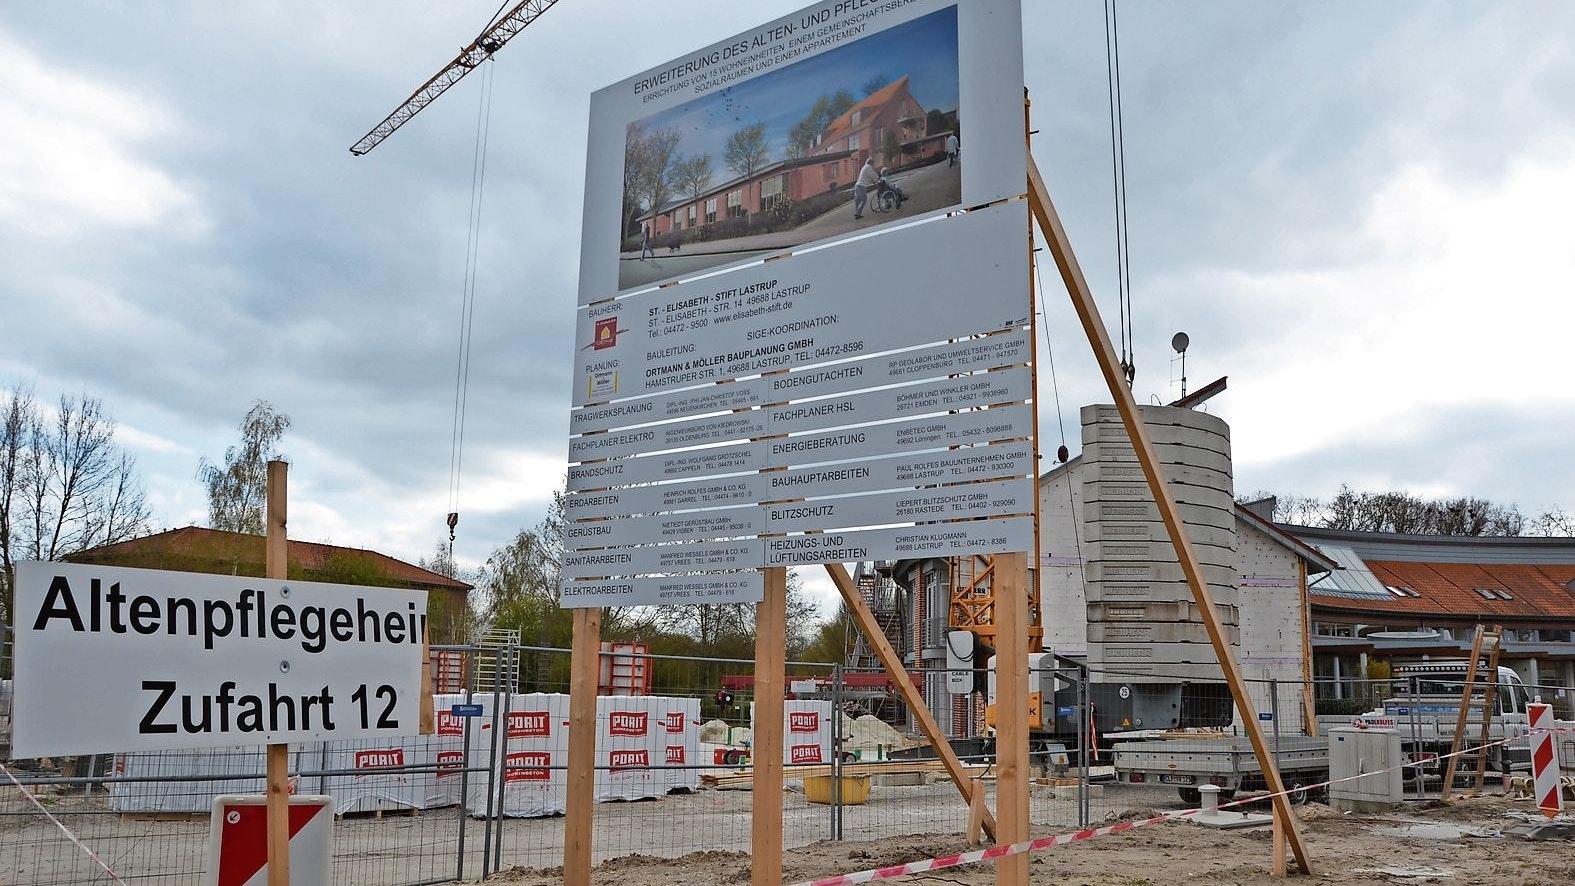 Das St.-Elisabeth-Stift arbeitet derzeit am Anbau, um mehr Platz zu gewinnen.  Foto: Meyer